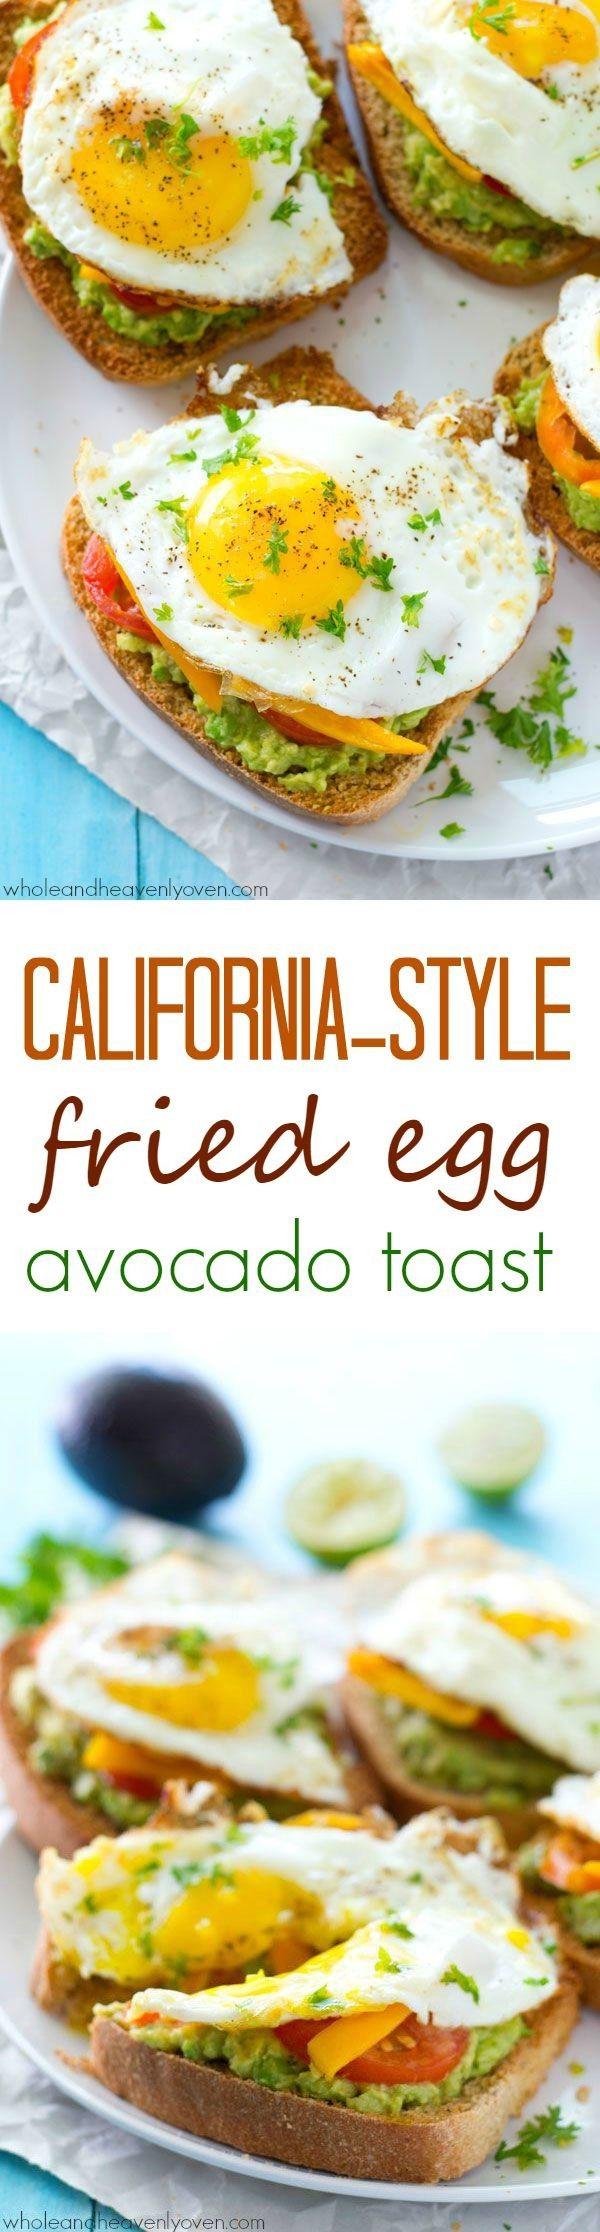 Get the recipe ♥ California Style Fried Egg Avocado Toast @recipes_to_go